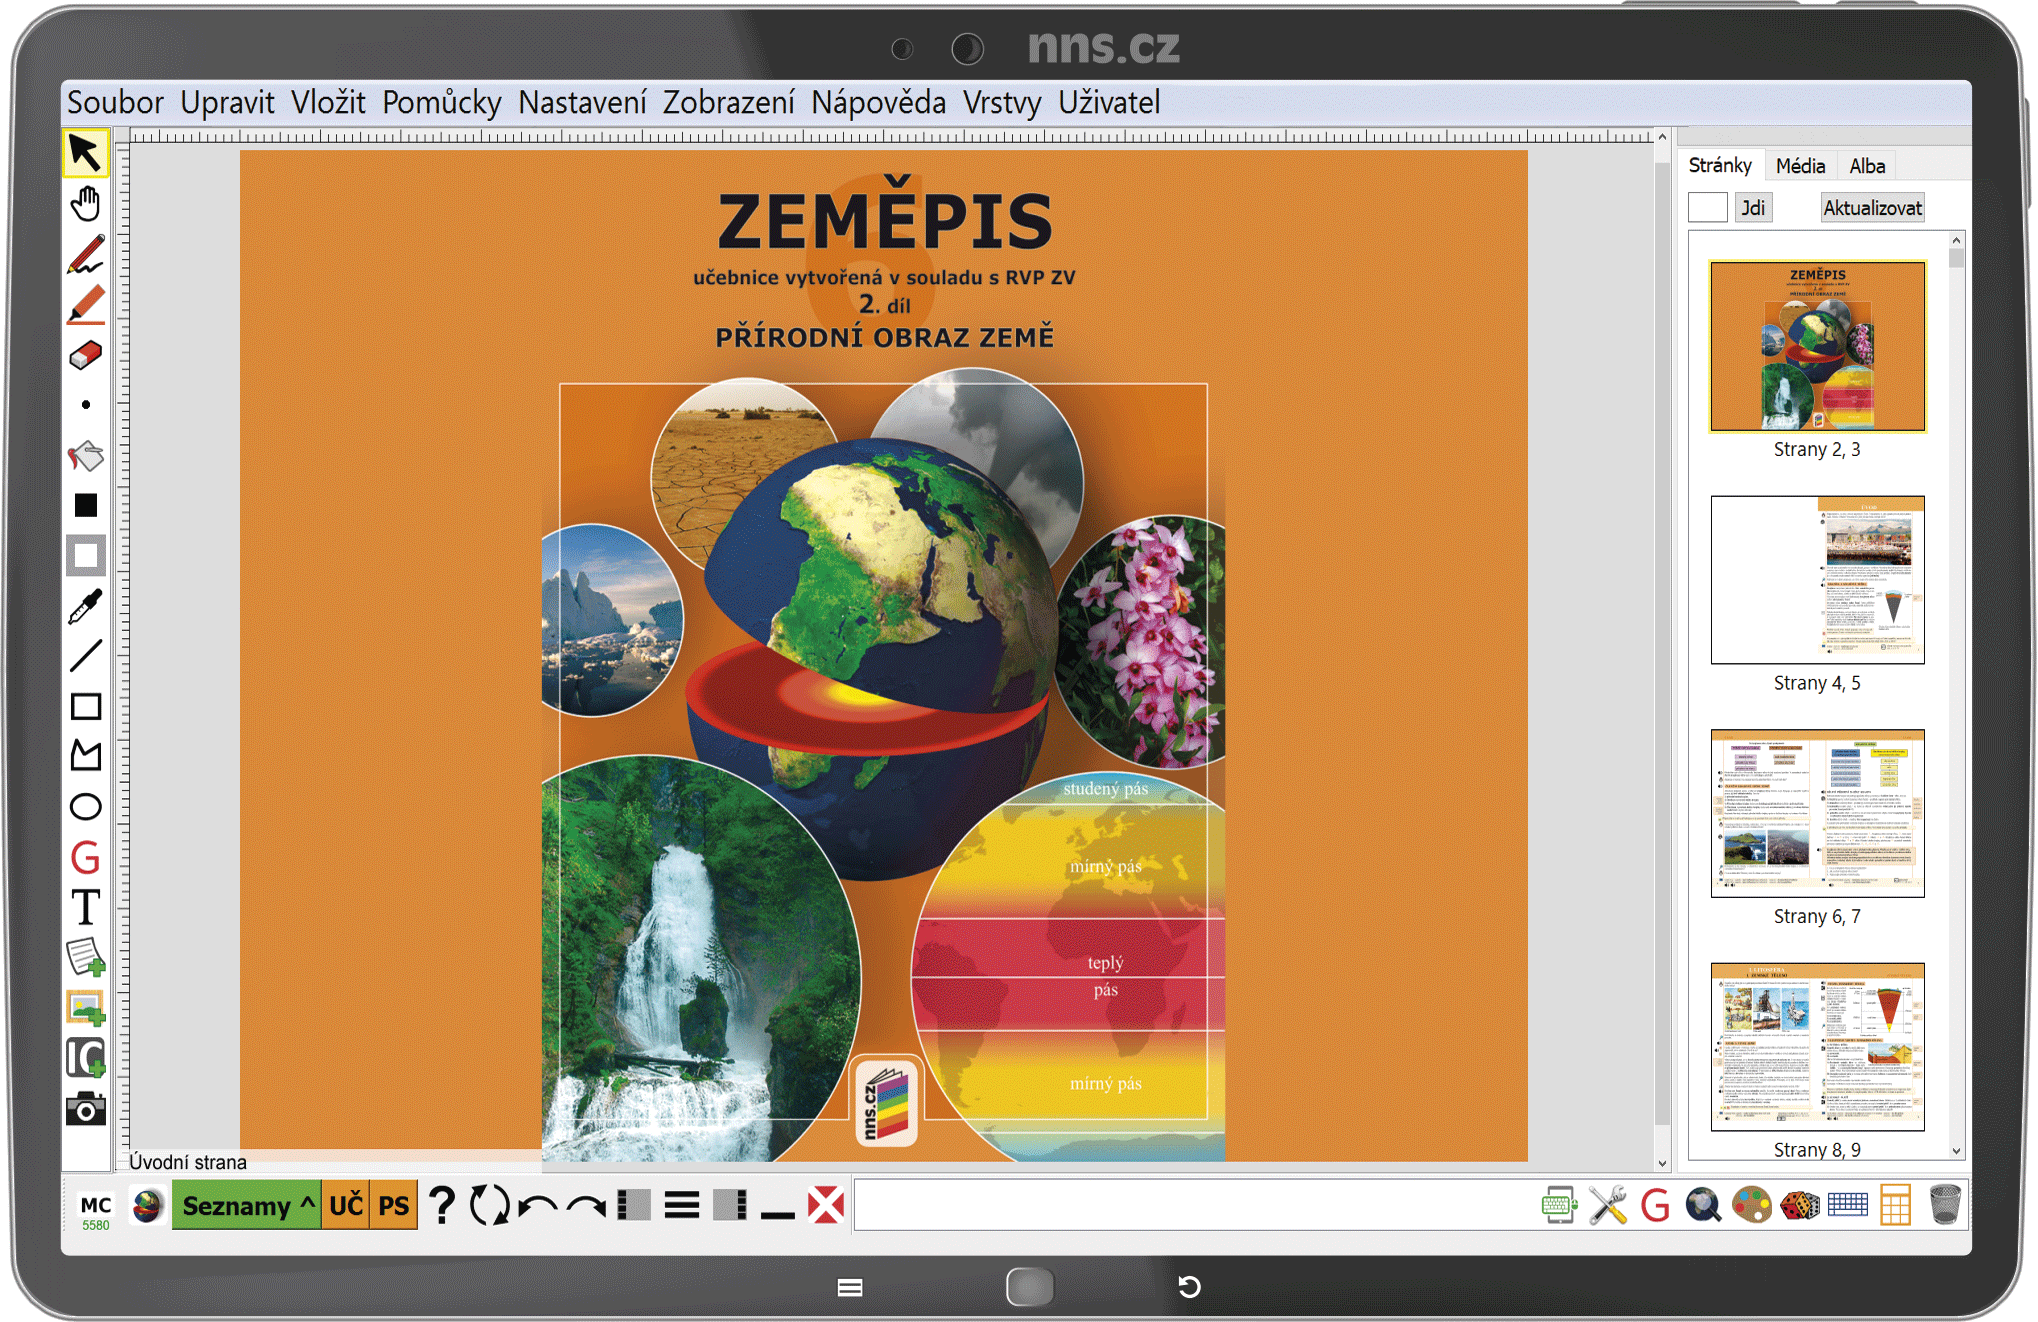 MIUč+ Zeměpis 6, 2. díl - Přírodní obraz Země - žák. licence na 1 šk. rok